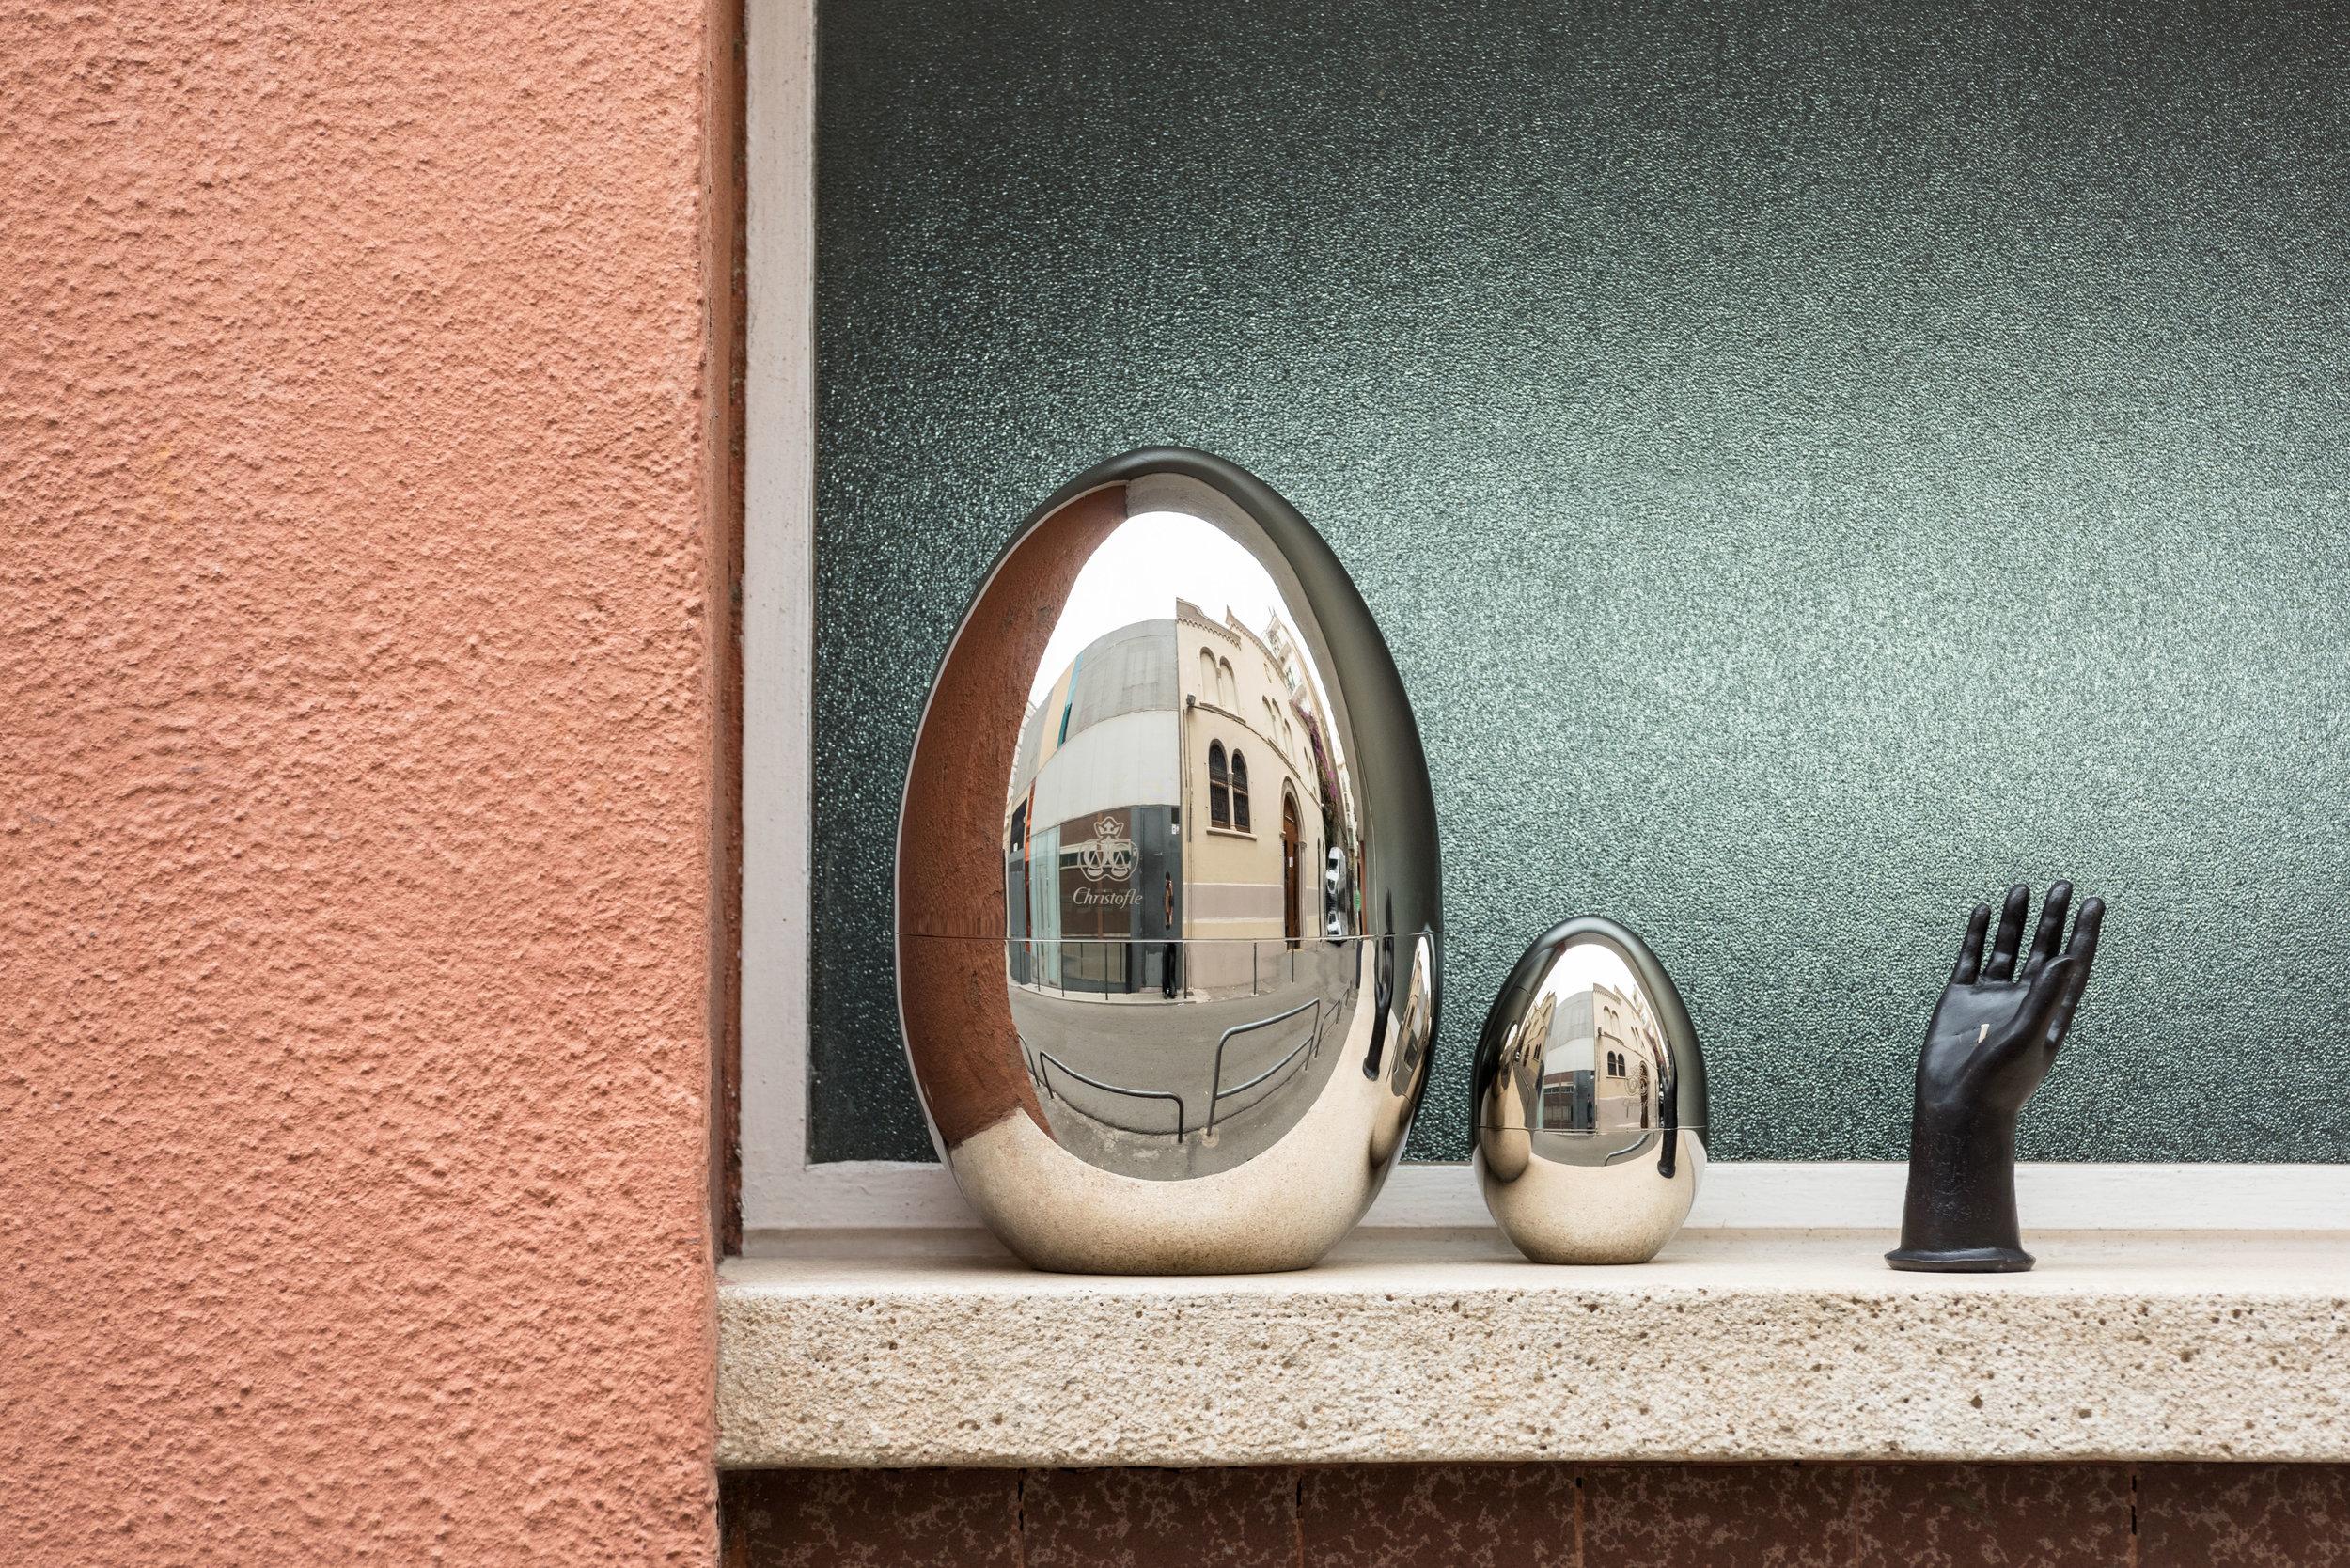 Soporte de cubertería en forma de huevo de  CHRISTOFLE  y vela en forma de mano de  CIRE   TRUDON .